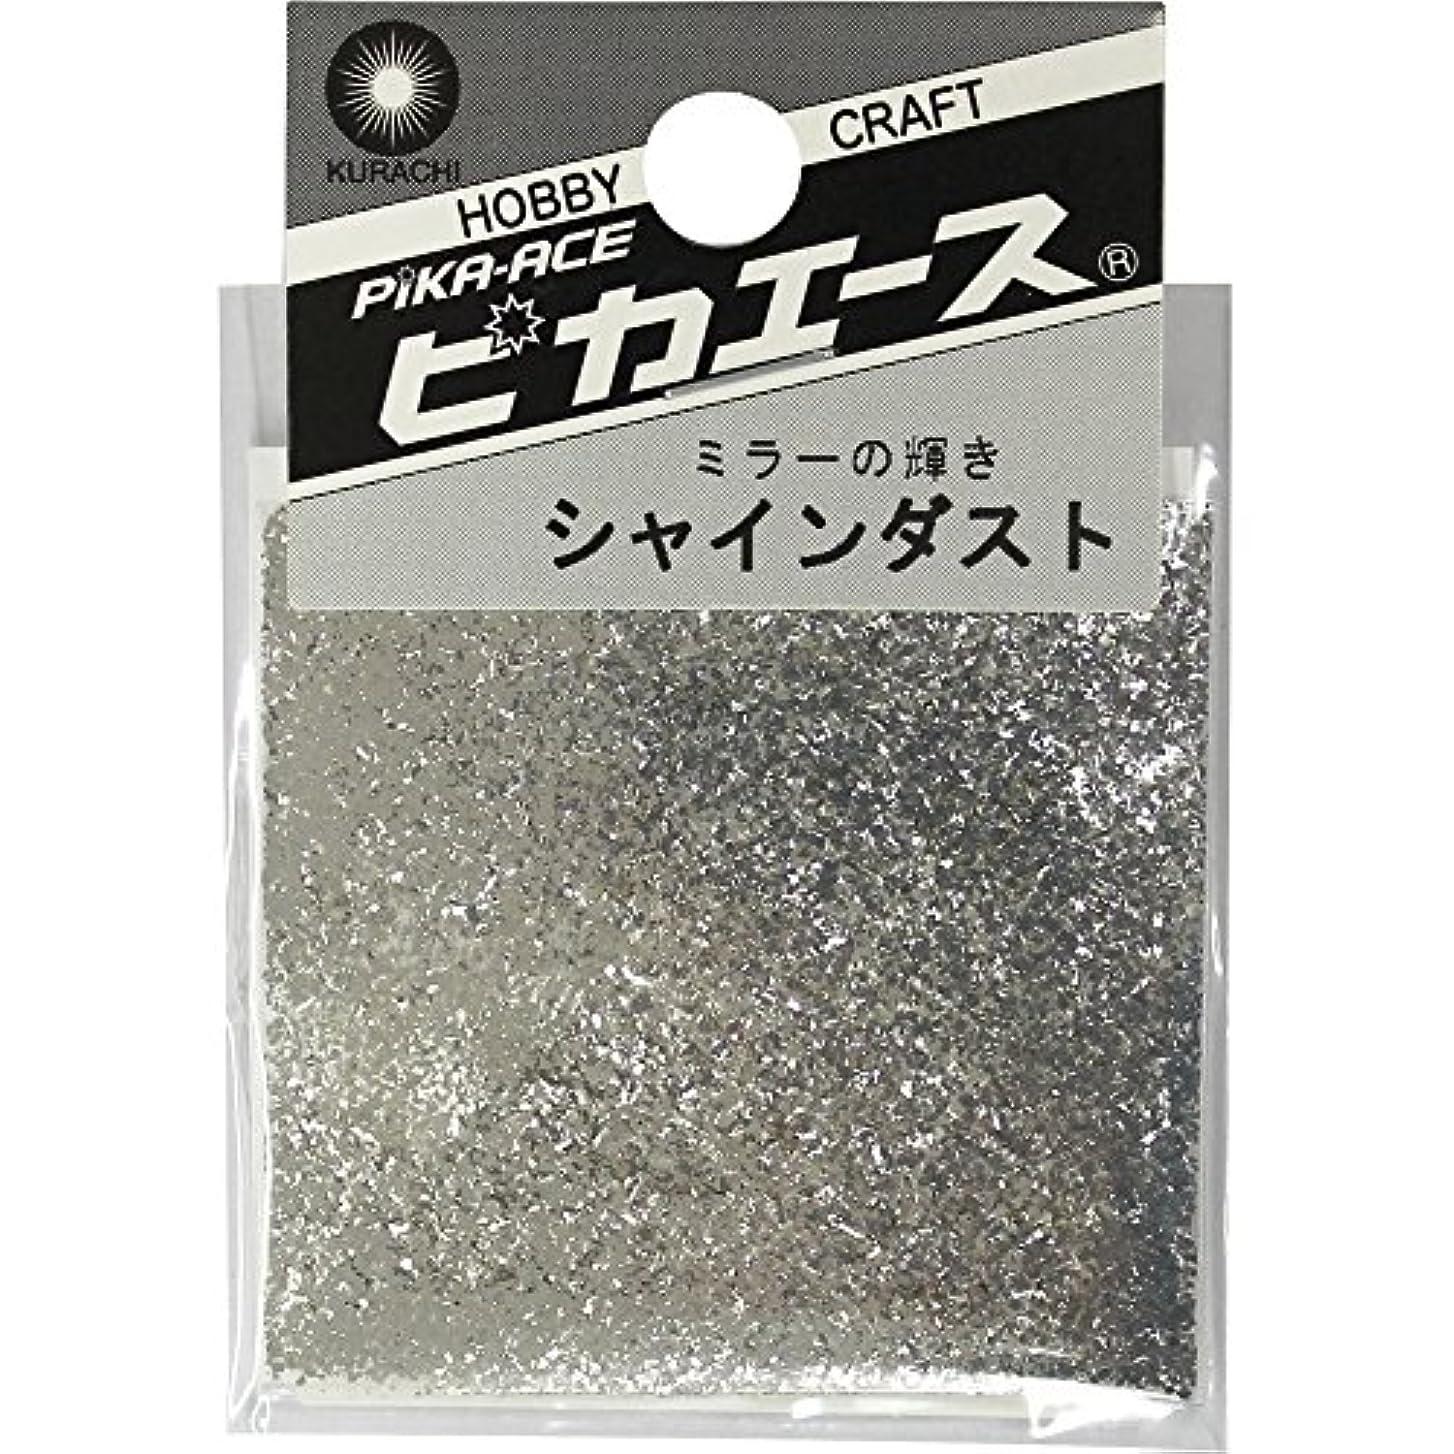 実際の率直なカスケードピカエース ネイル用パウダー ピカエース シャインダスト L #480 ミラーシルバー 0.5g アート材